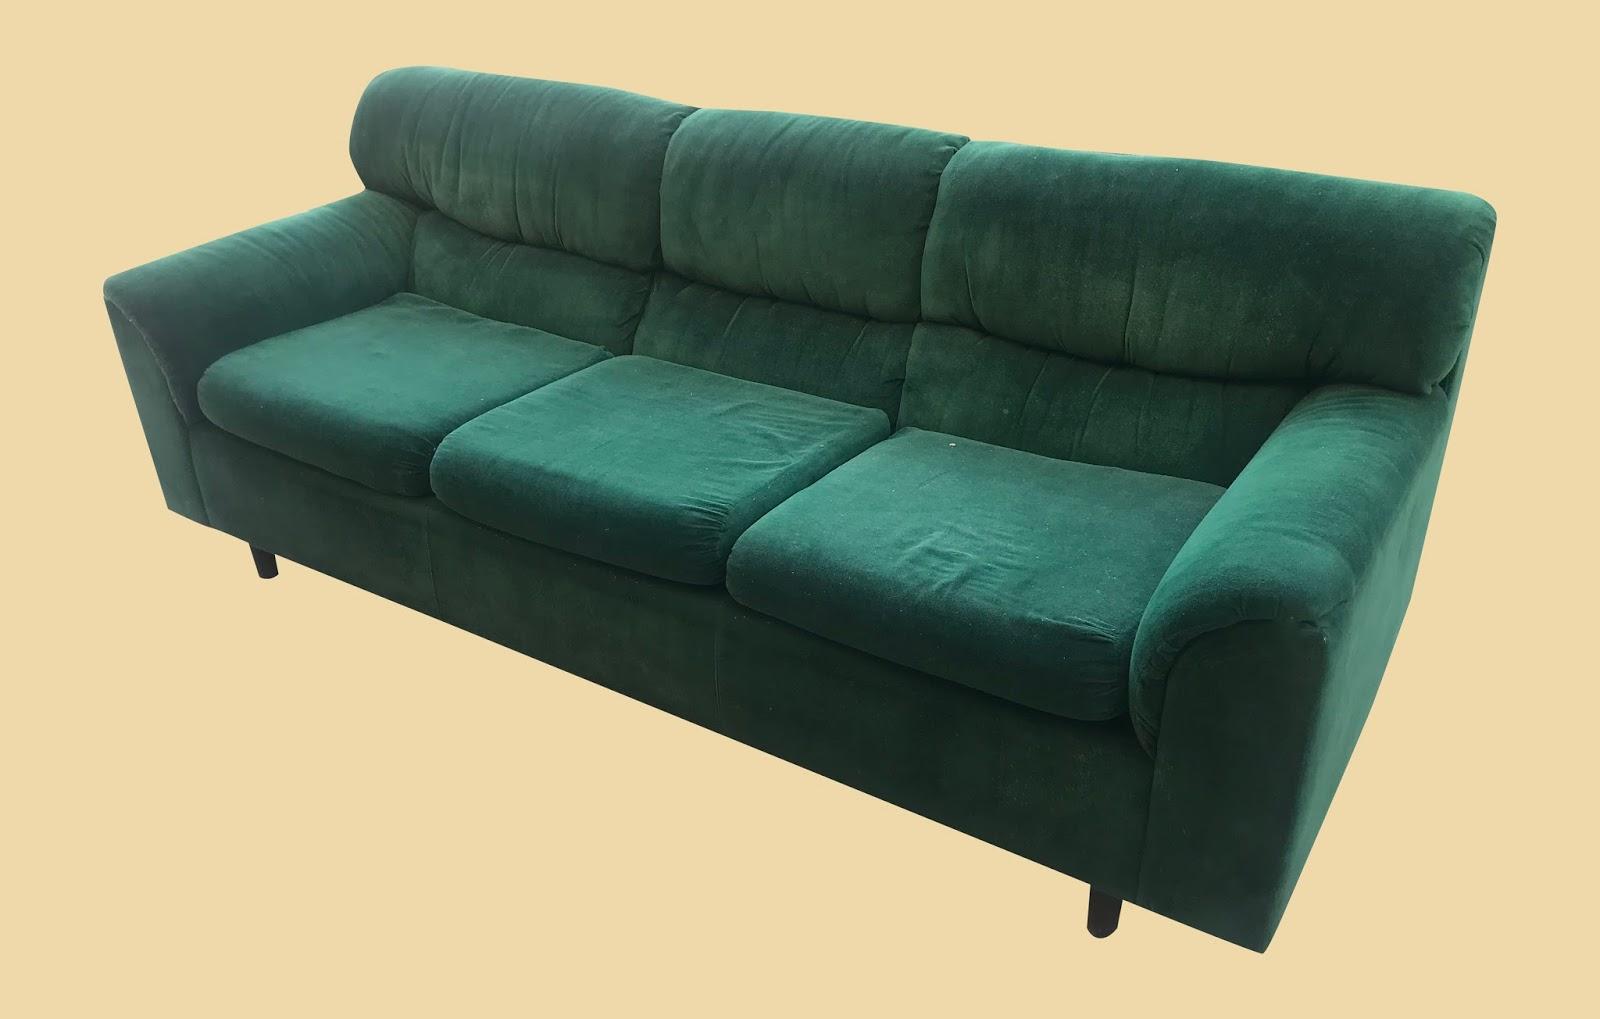 Green Microfiber Sofa 95 20 Bargain Sold